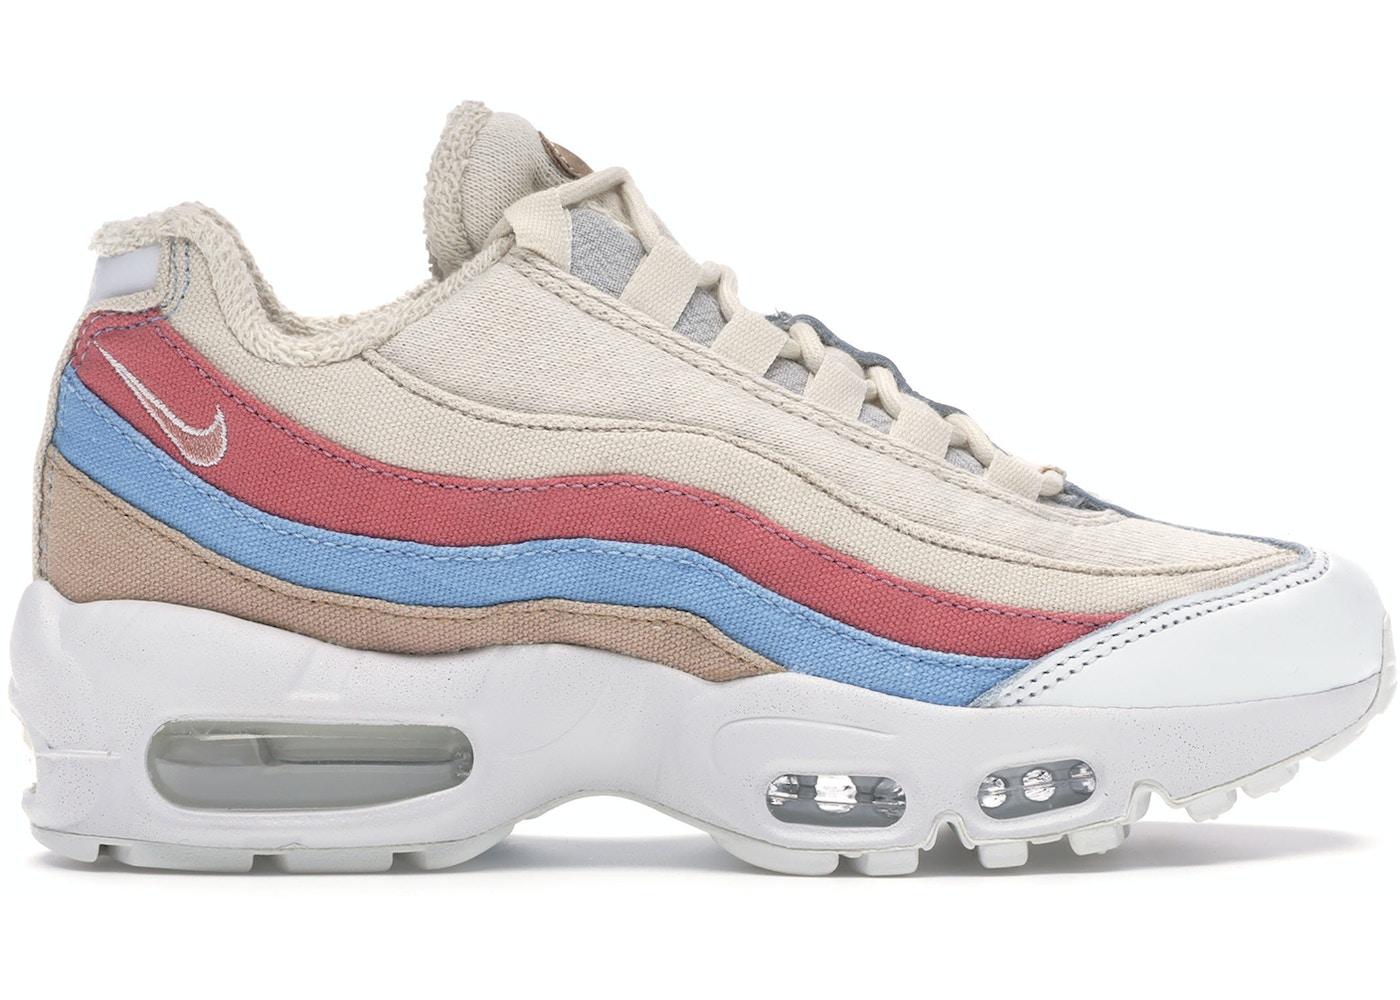 sprzedaż uk szczegóły najlepszy Buy Nike Air Max 95 Shoes & Deadstock Sneakers